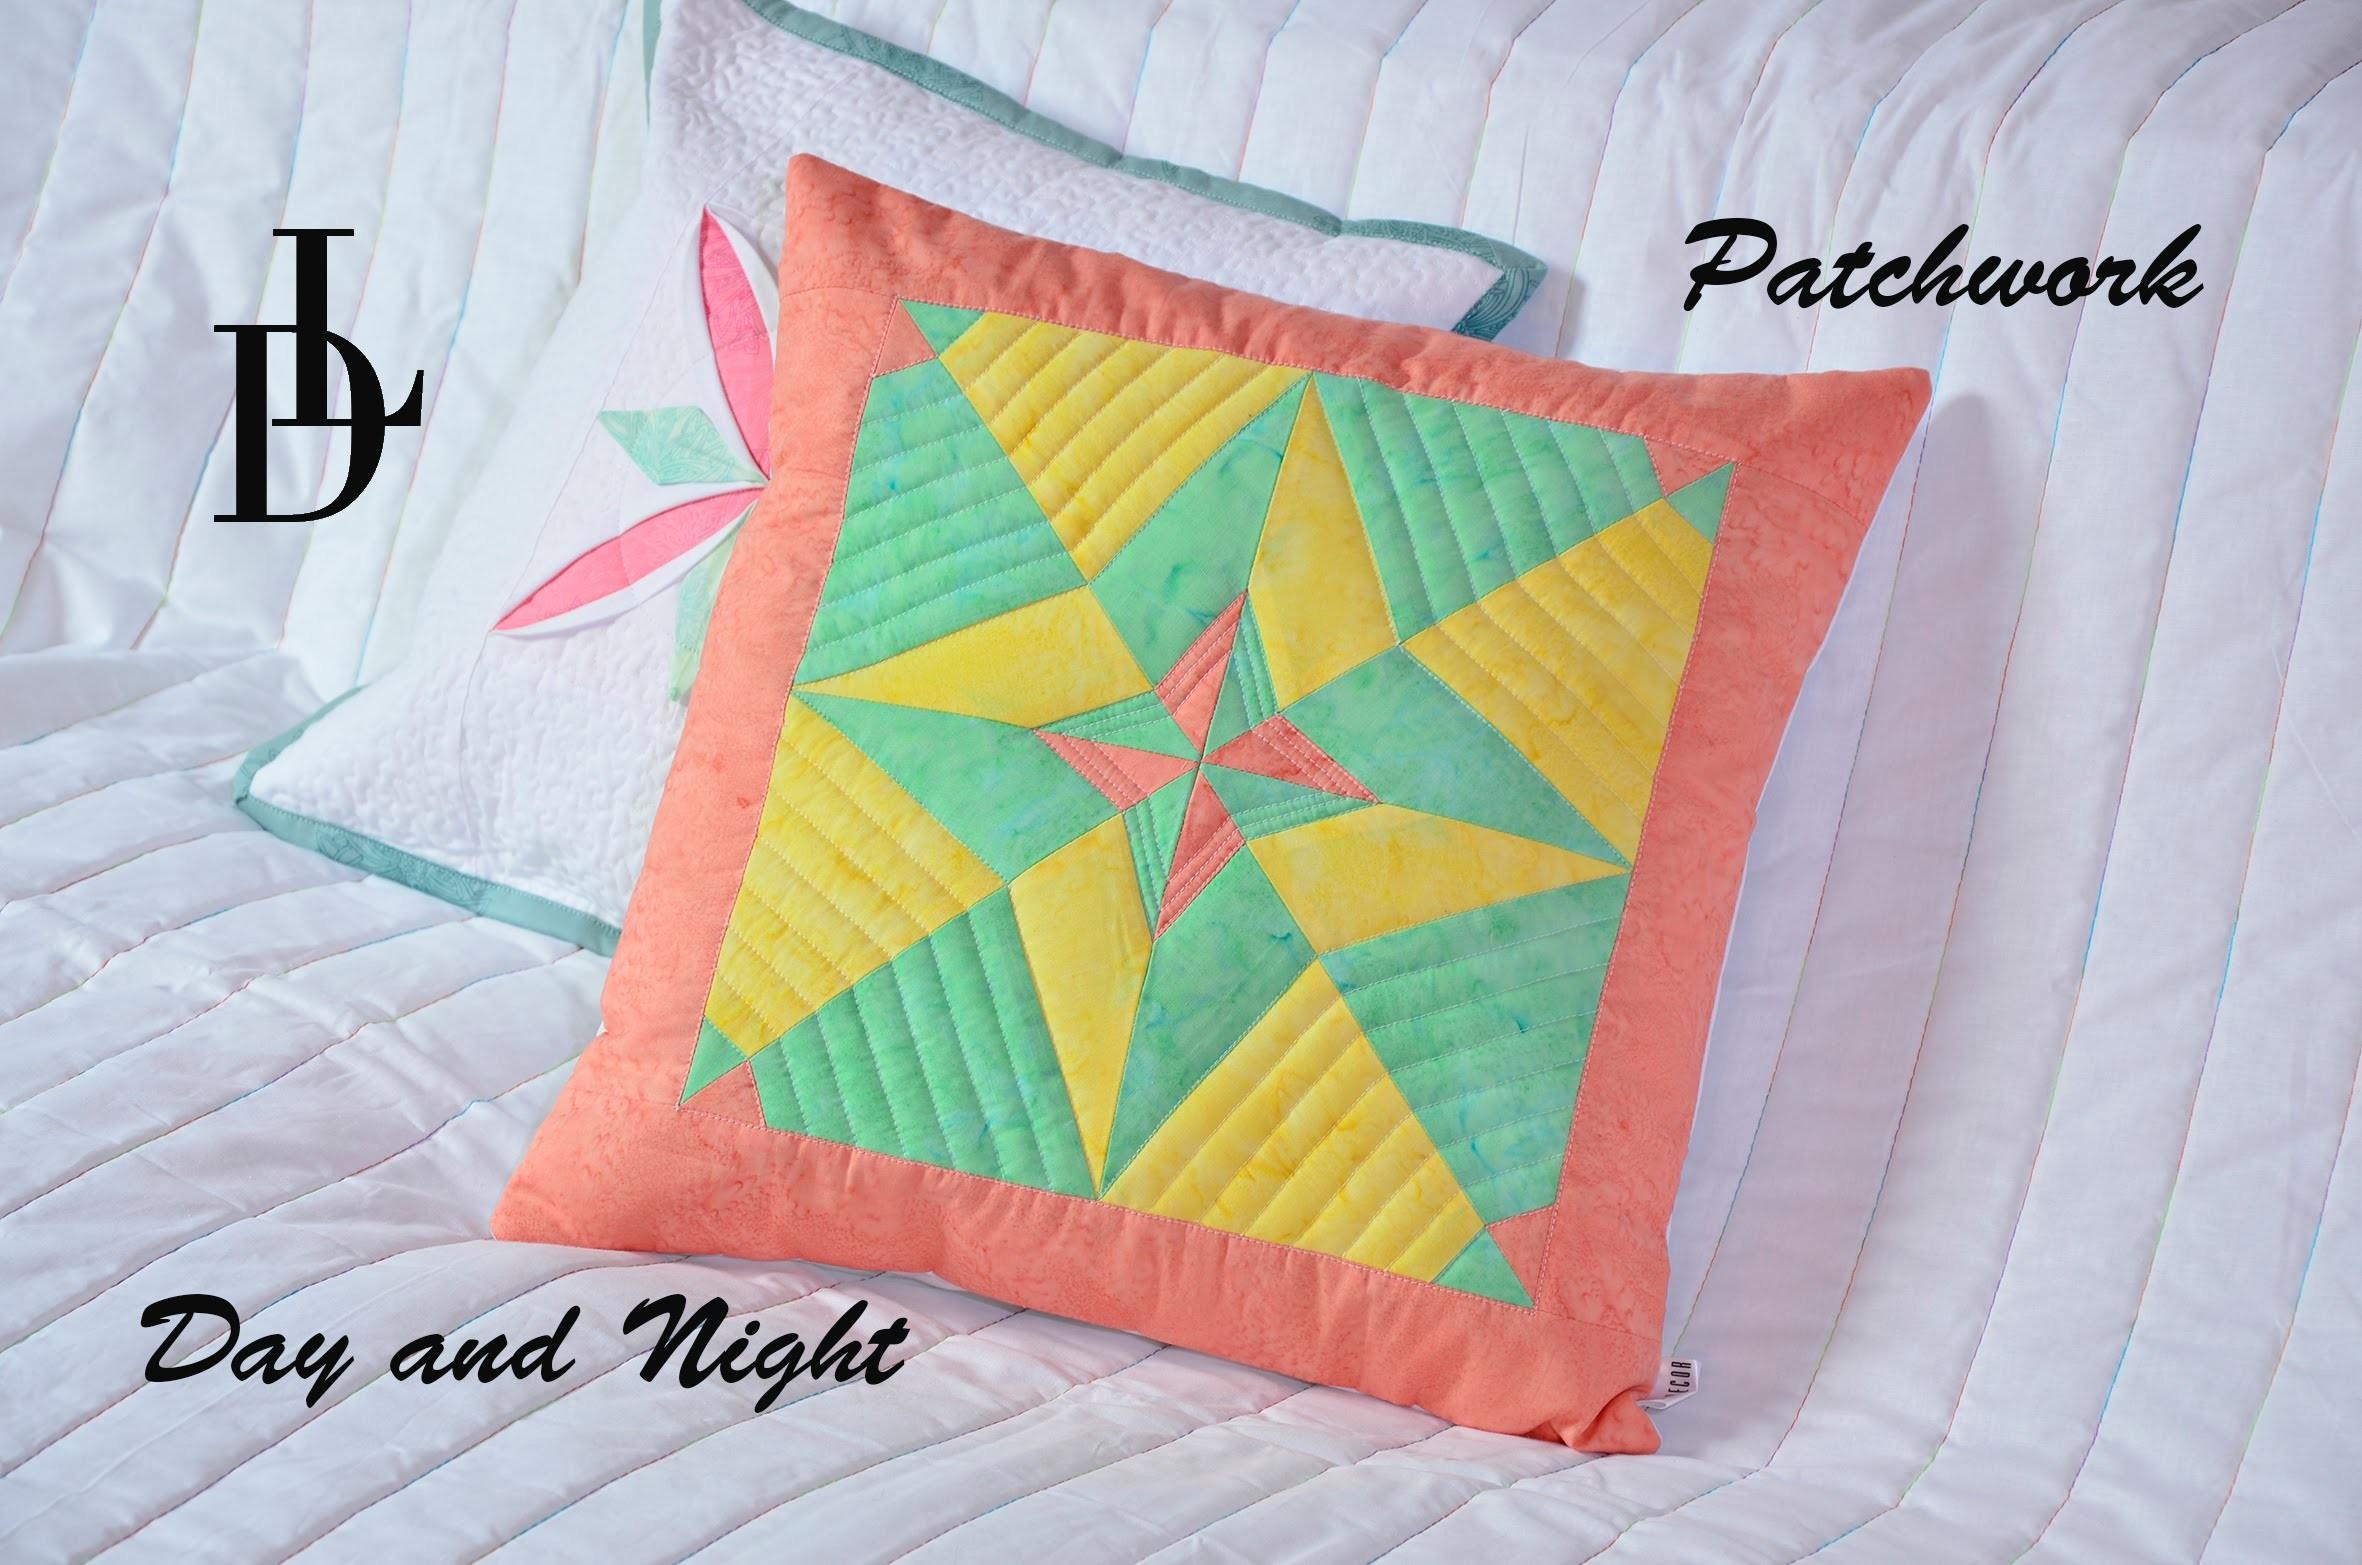 Patchwork Day and Night - Pravítka Patchwork